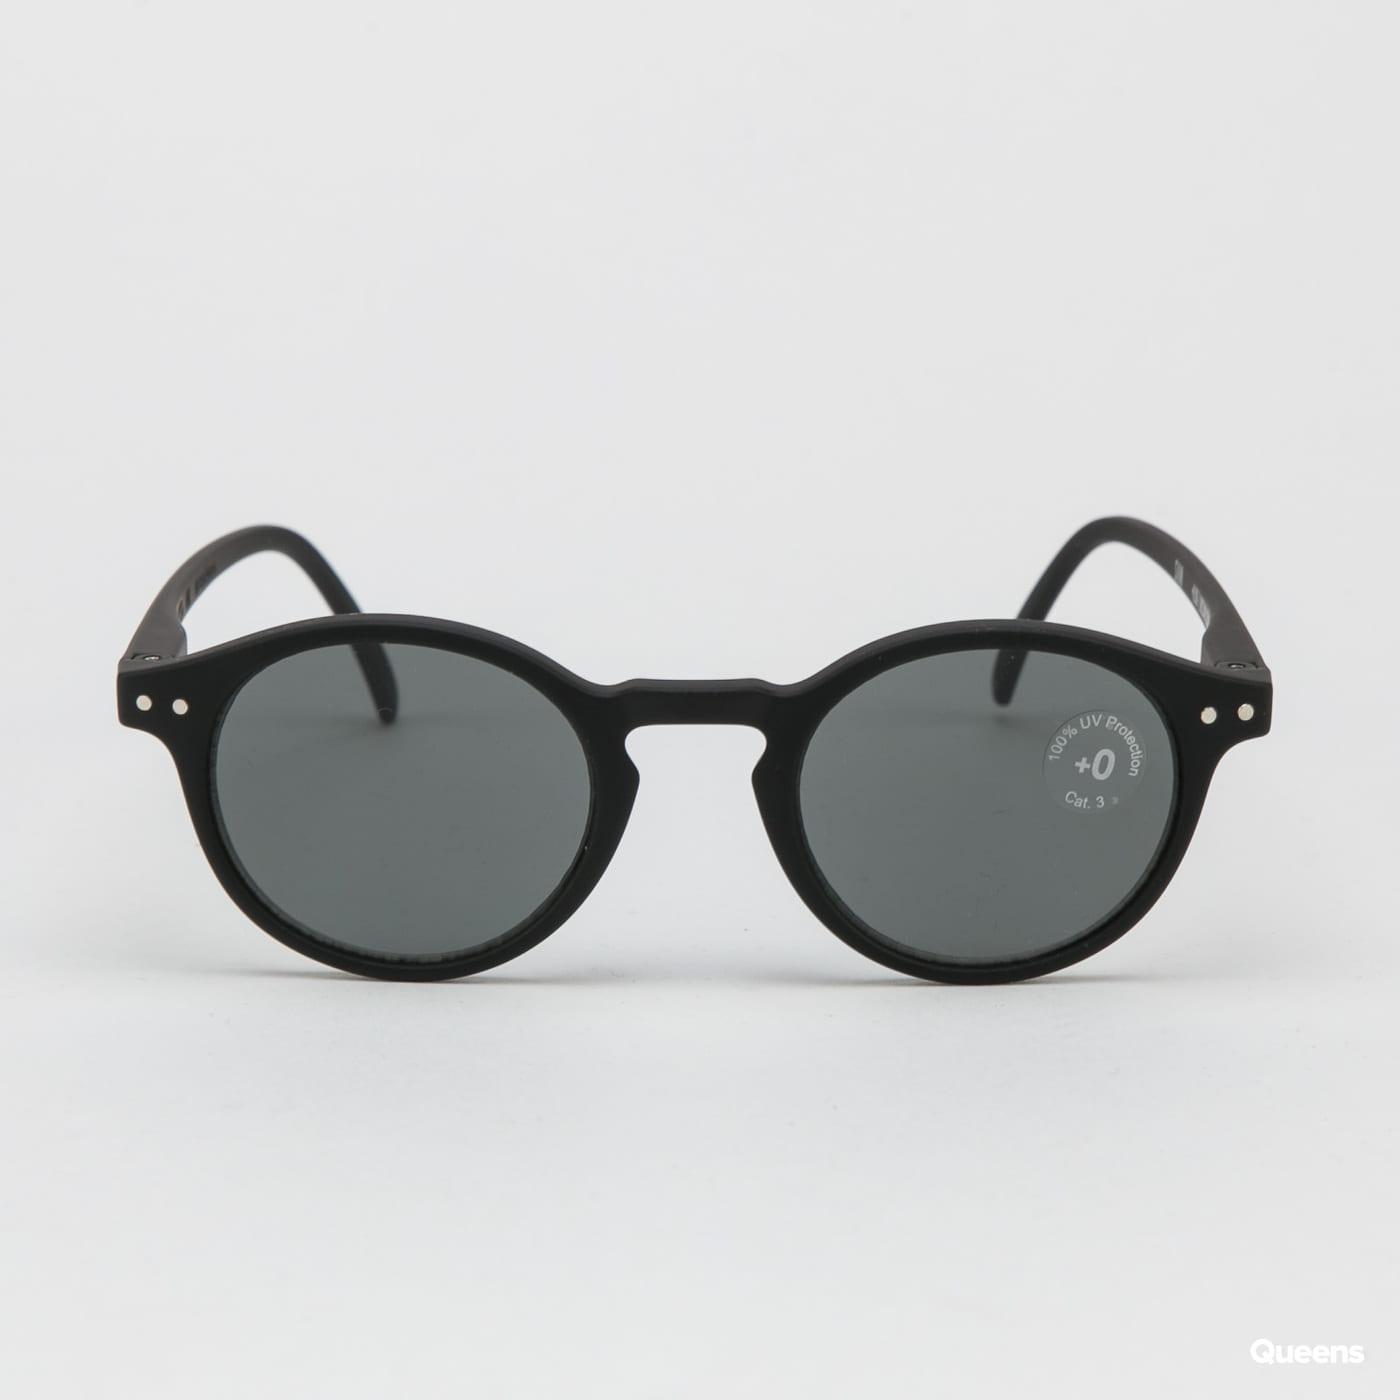 IZIPIZI Sunglasses #H černé